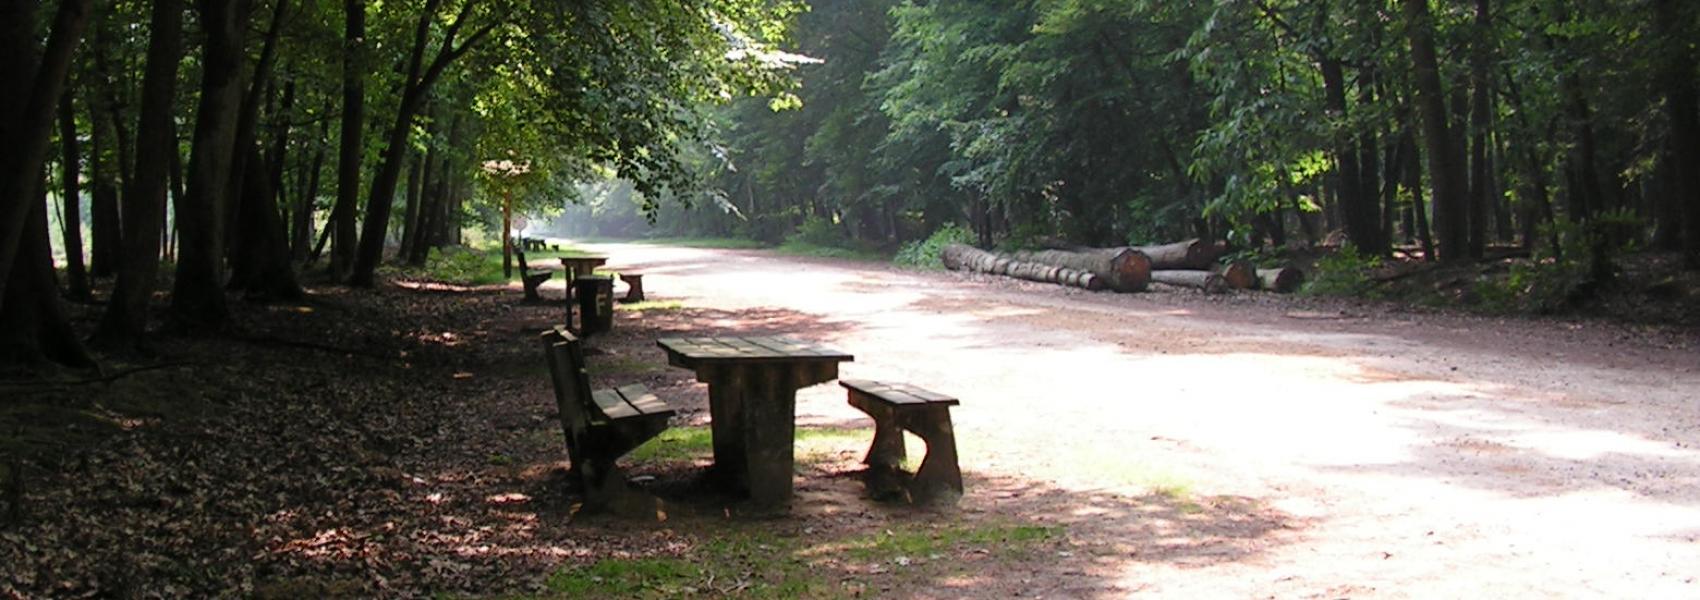 picknickbanken in het bos